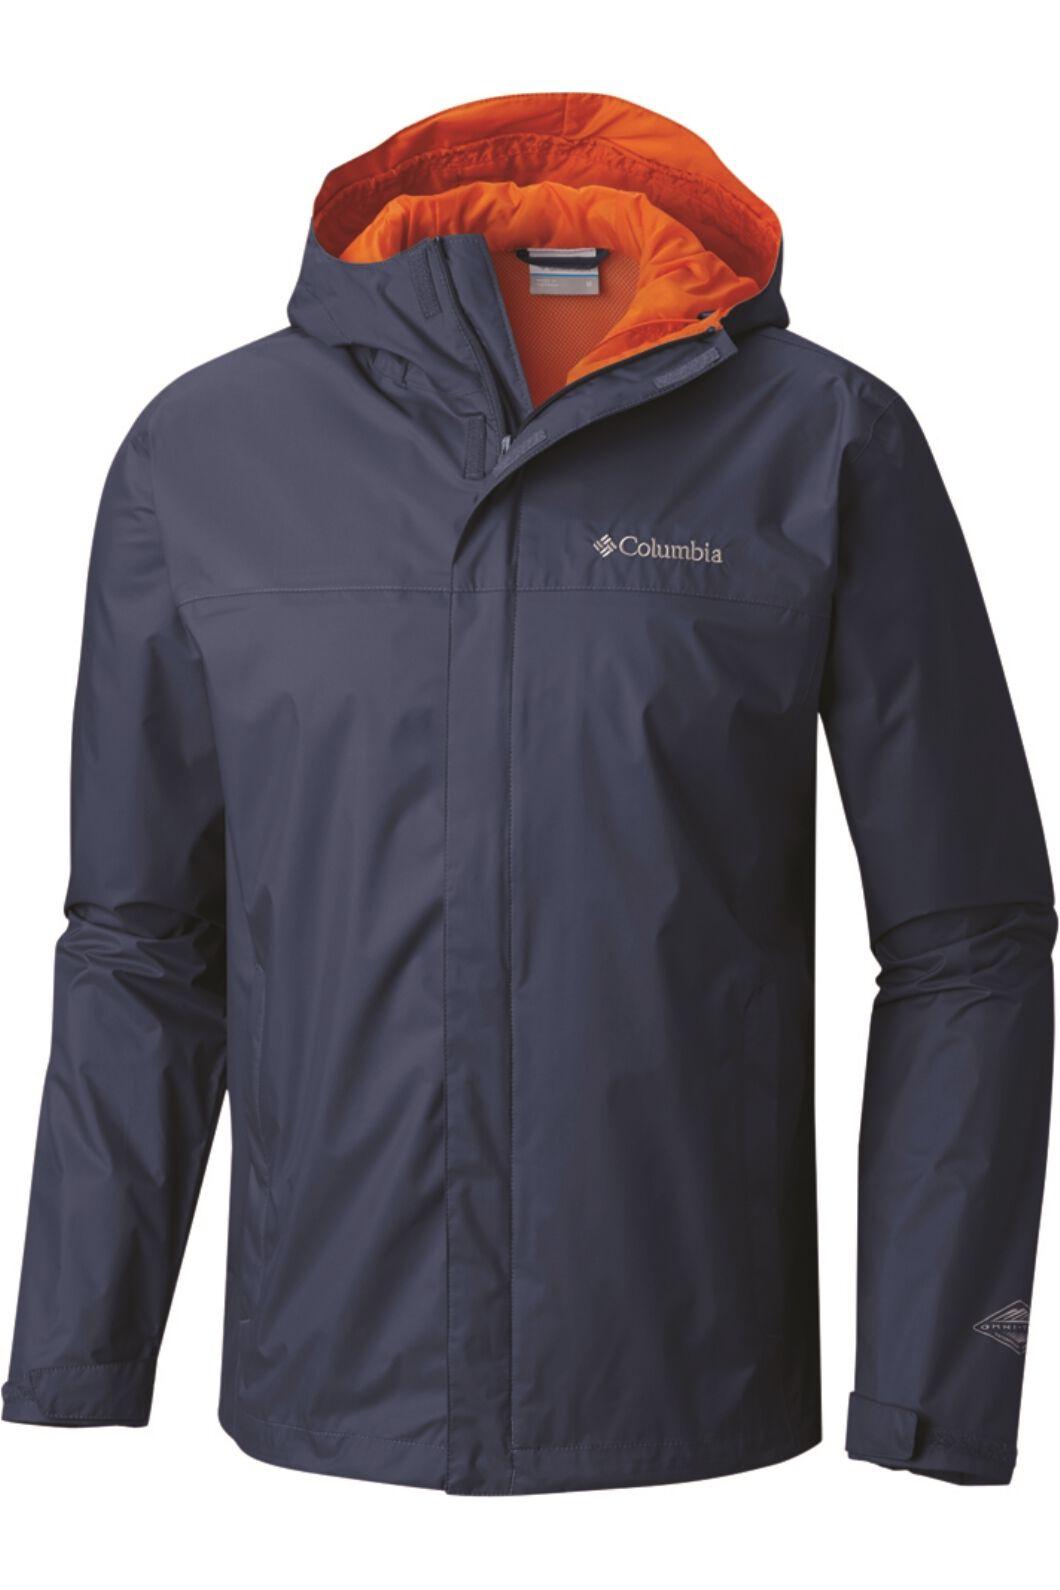 Columbia Men's Watertight II Jacket Heatwave, Carbon, hi-res